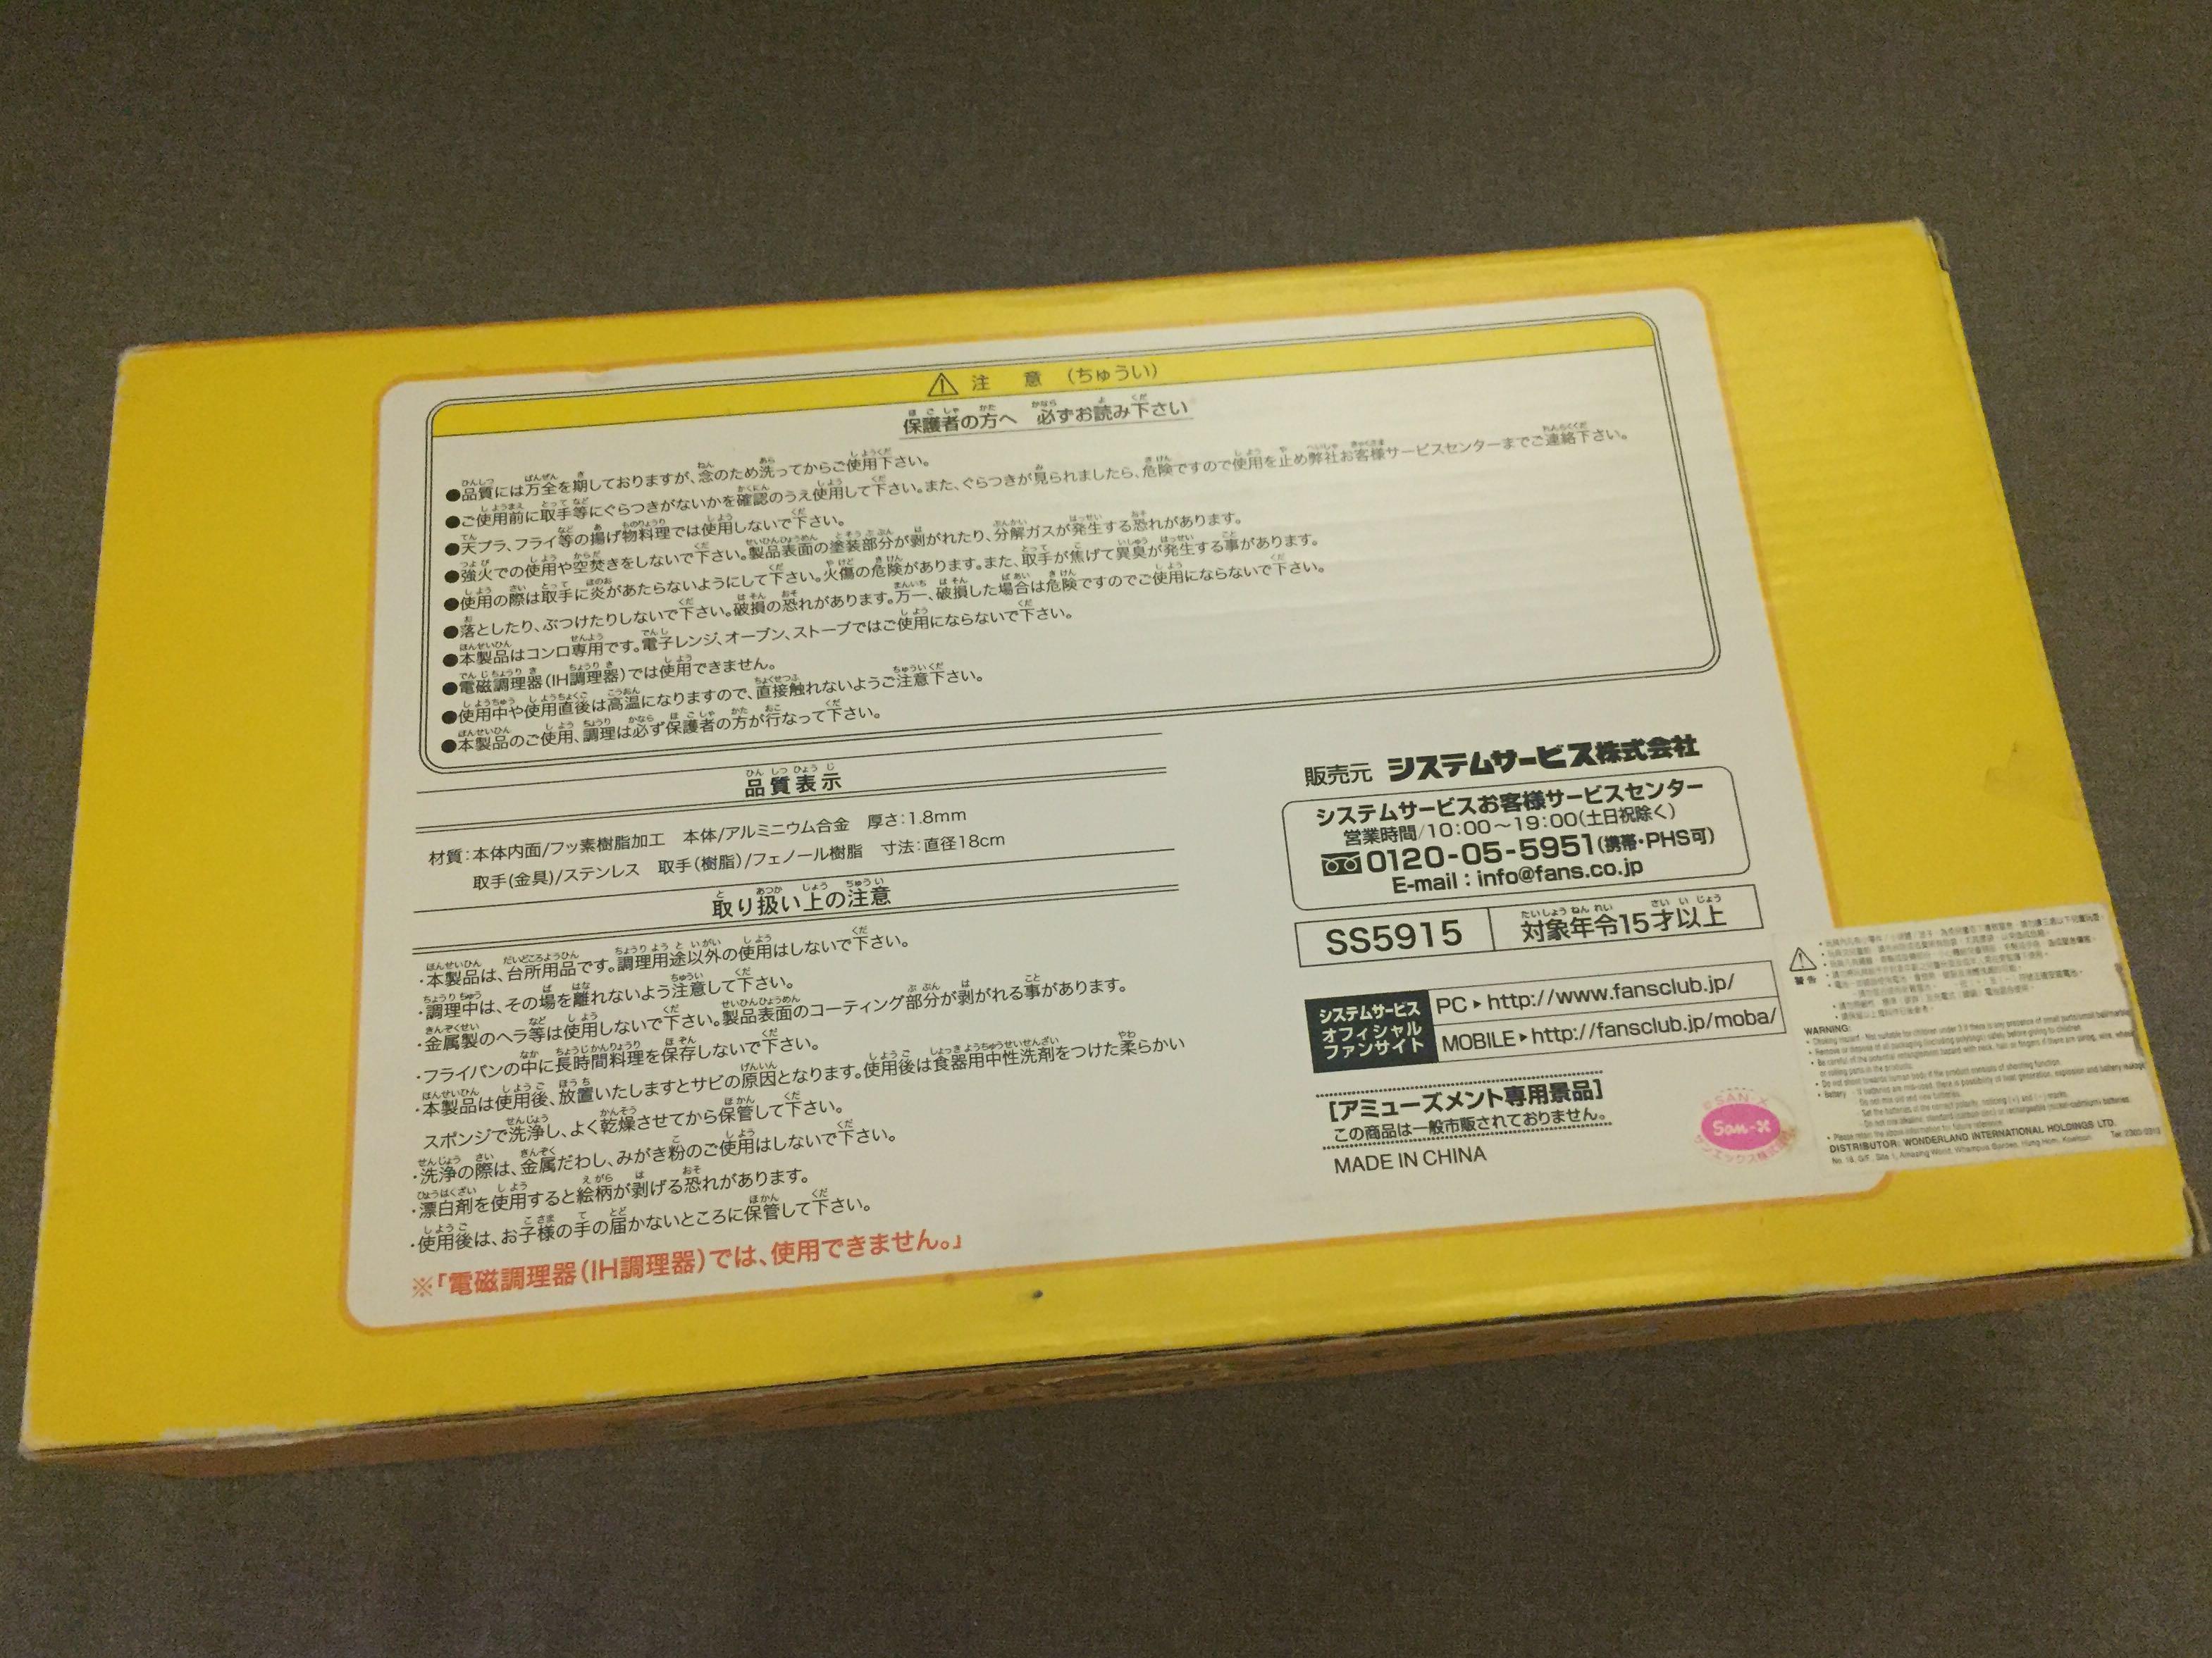 [全新] 日本 San-X Rilakkuma 鬆弛熊 平底鑊 煎pan (白熊款)